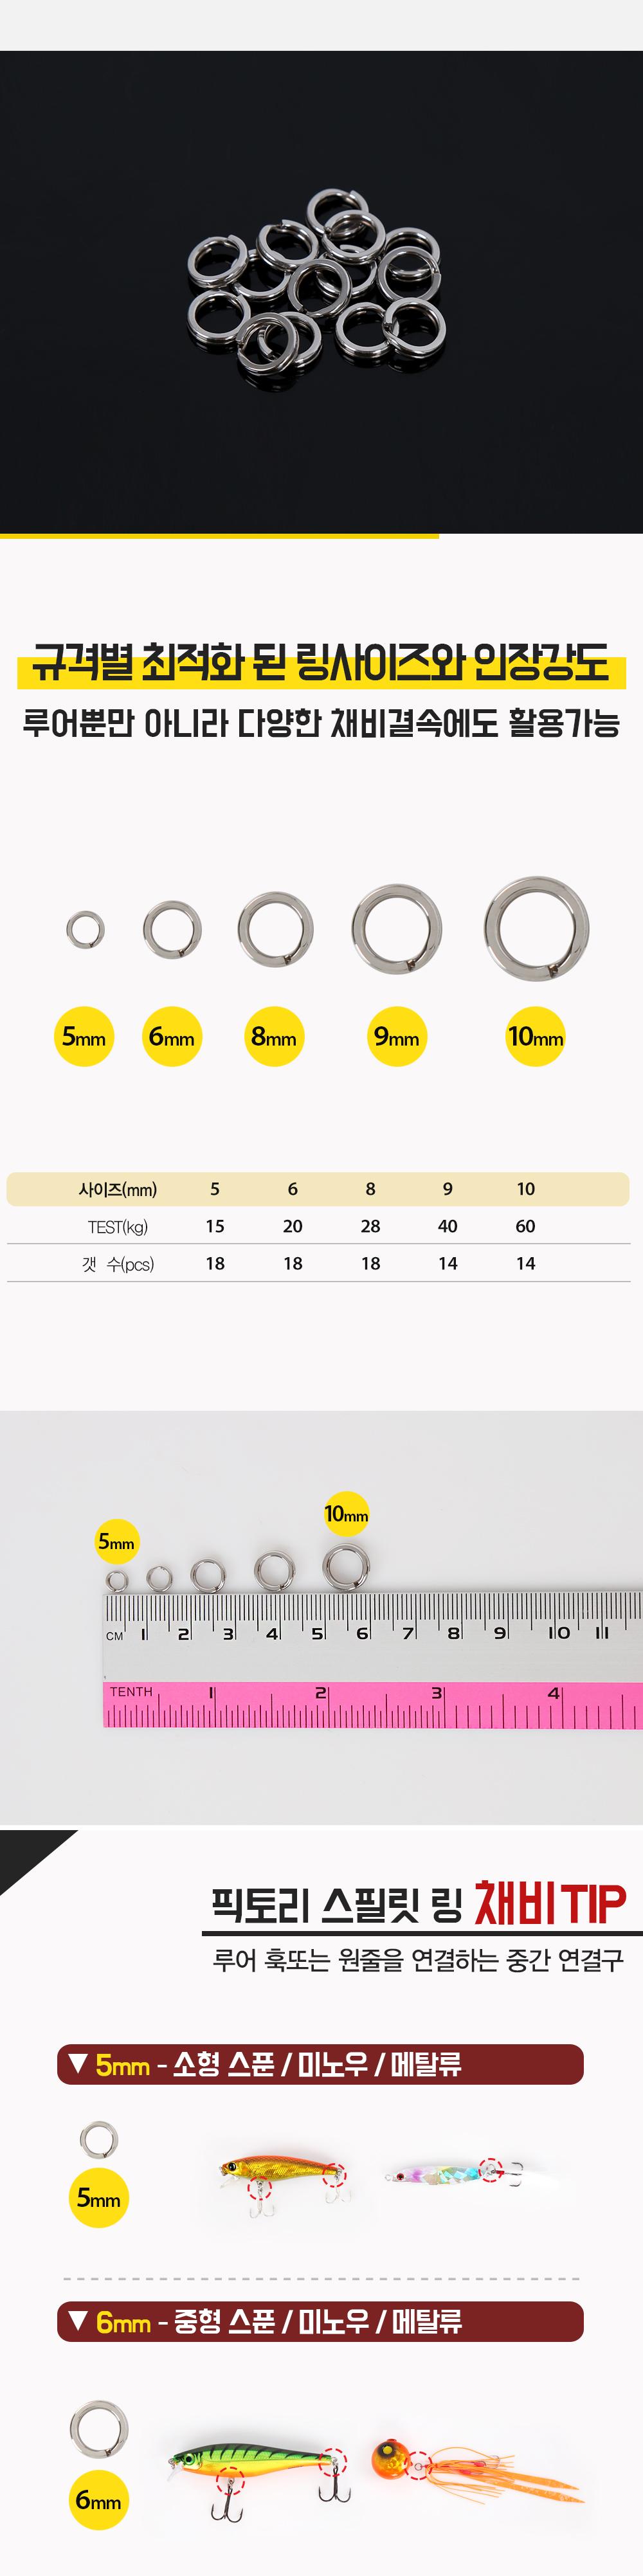 픽토리 해비듀티 스플릿 링 FIC-TR01 스플릿링 와이어링 스텐링 스텐레스링 하드베이트스텐링 스냅링 루어스냅링 루어스플릿링 루어링